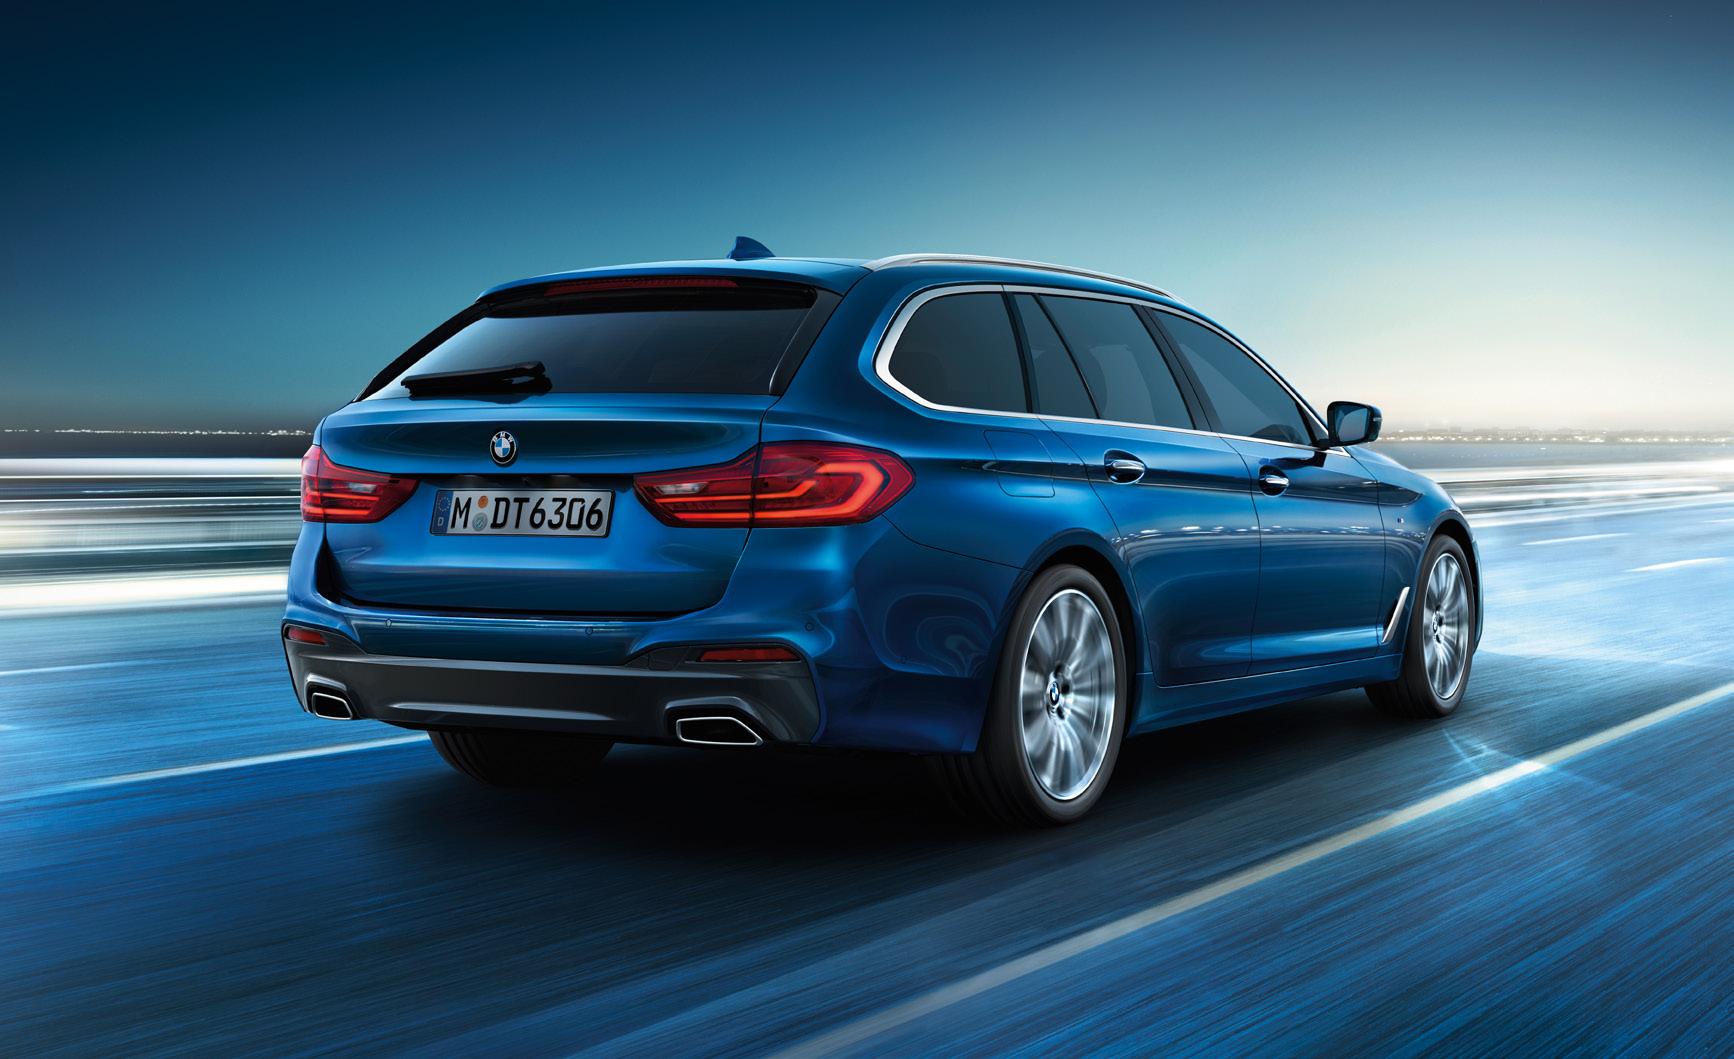 Ein blauer, von hinten fotografierter 5er BMW der auf einer Straße fährt. Der Fokus liegt hier auf dem Auto und der Hintergrund ist sehr verschwommen.